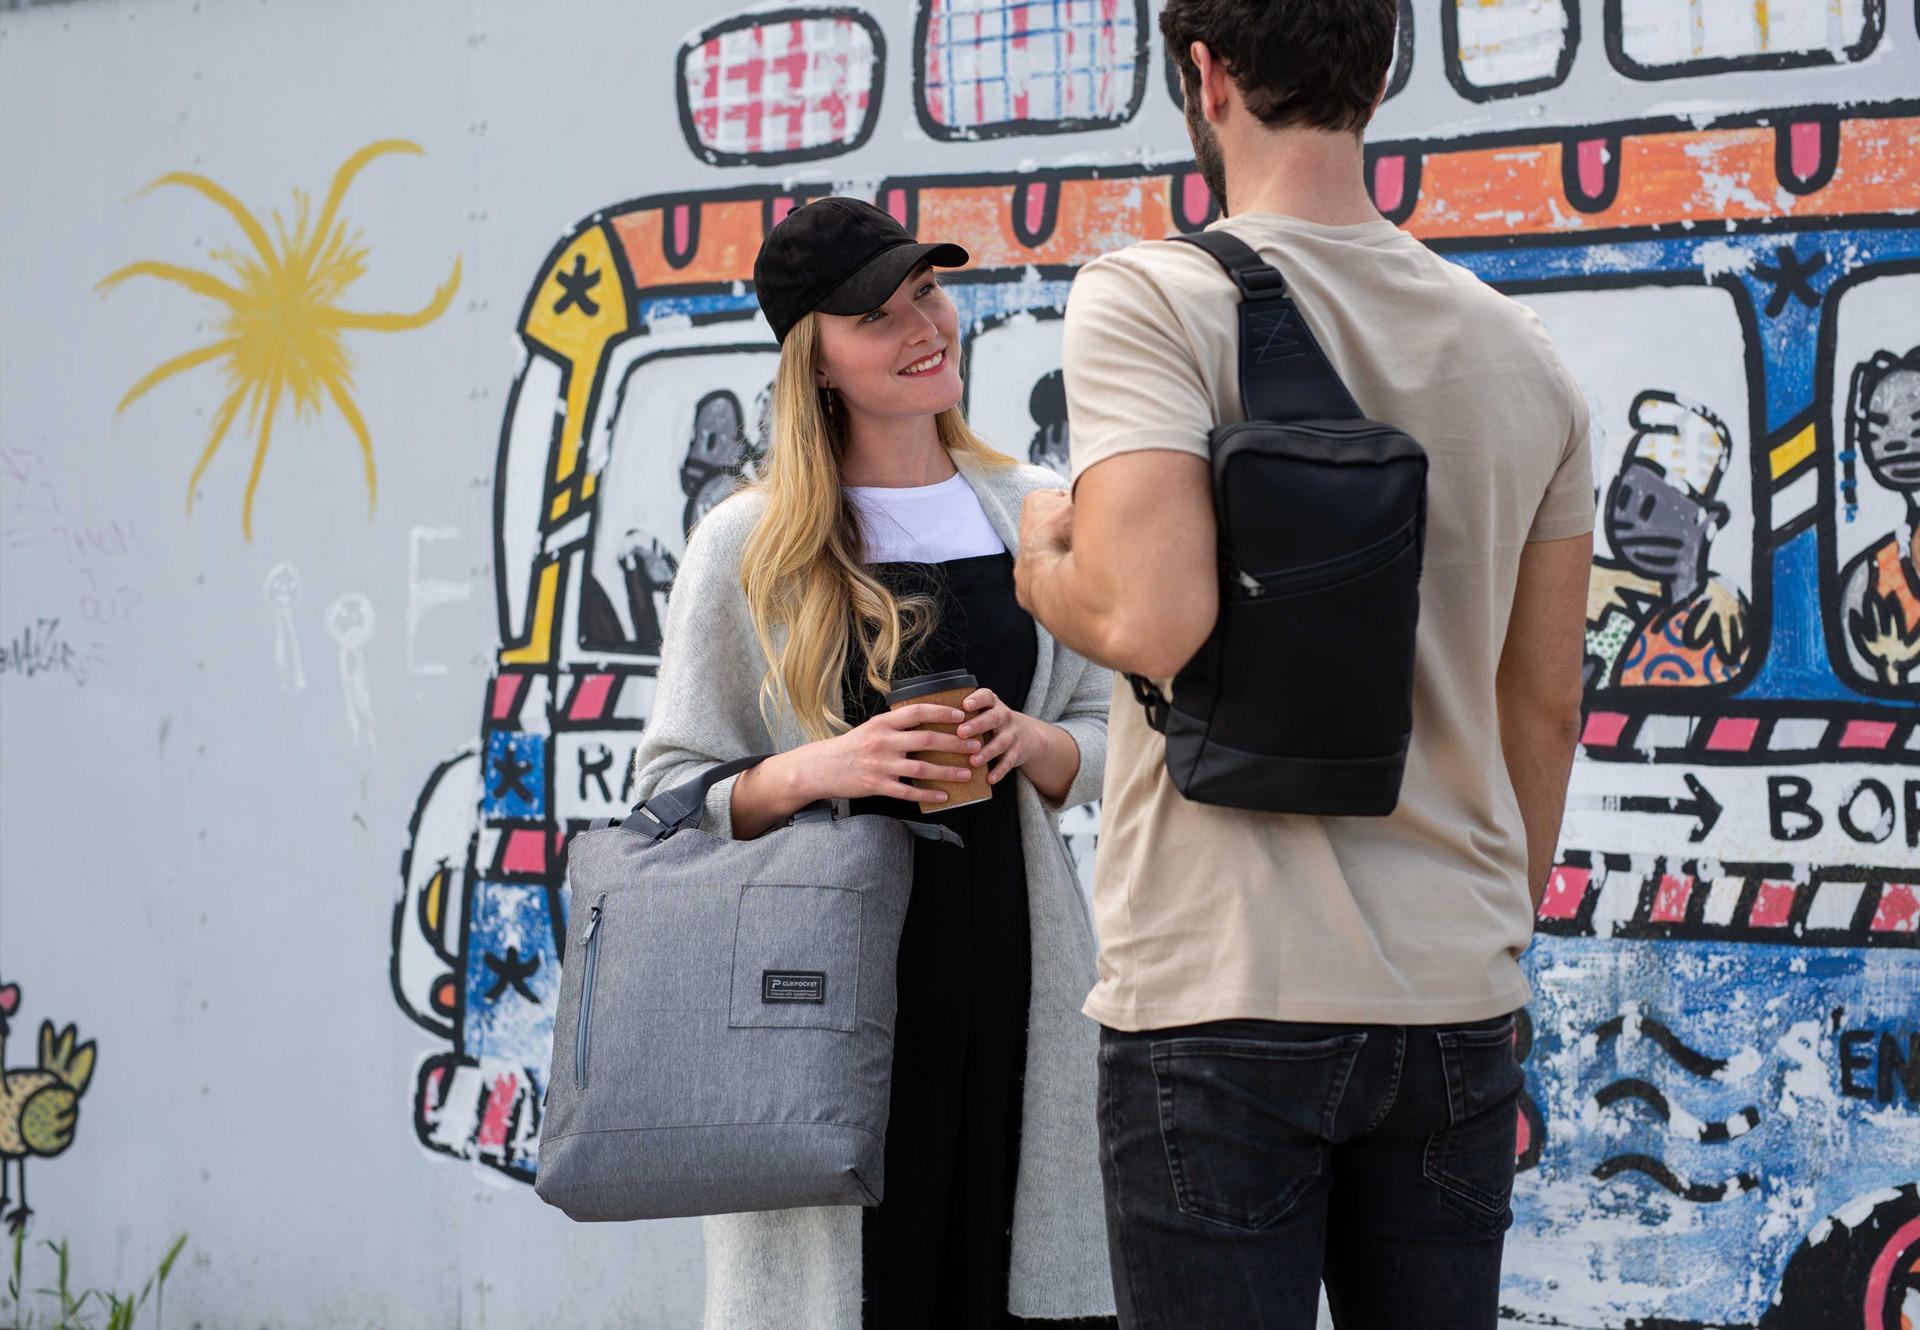 Une femme portant le sac à main Station gris souriant à un homme portant le sac bandoulière Downtown Pad noir